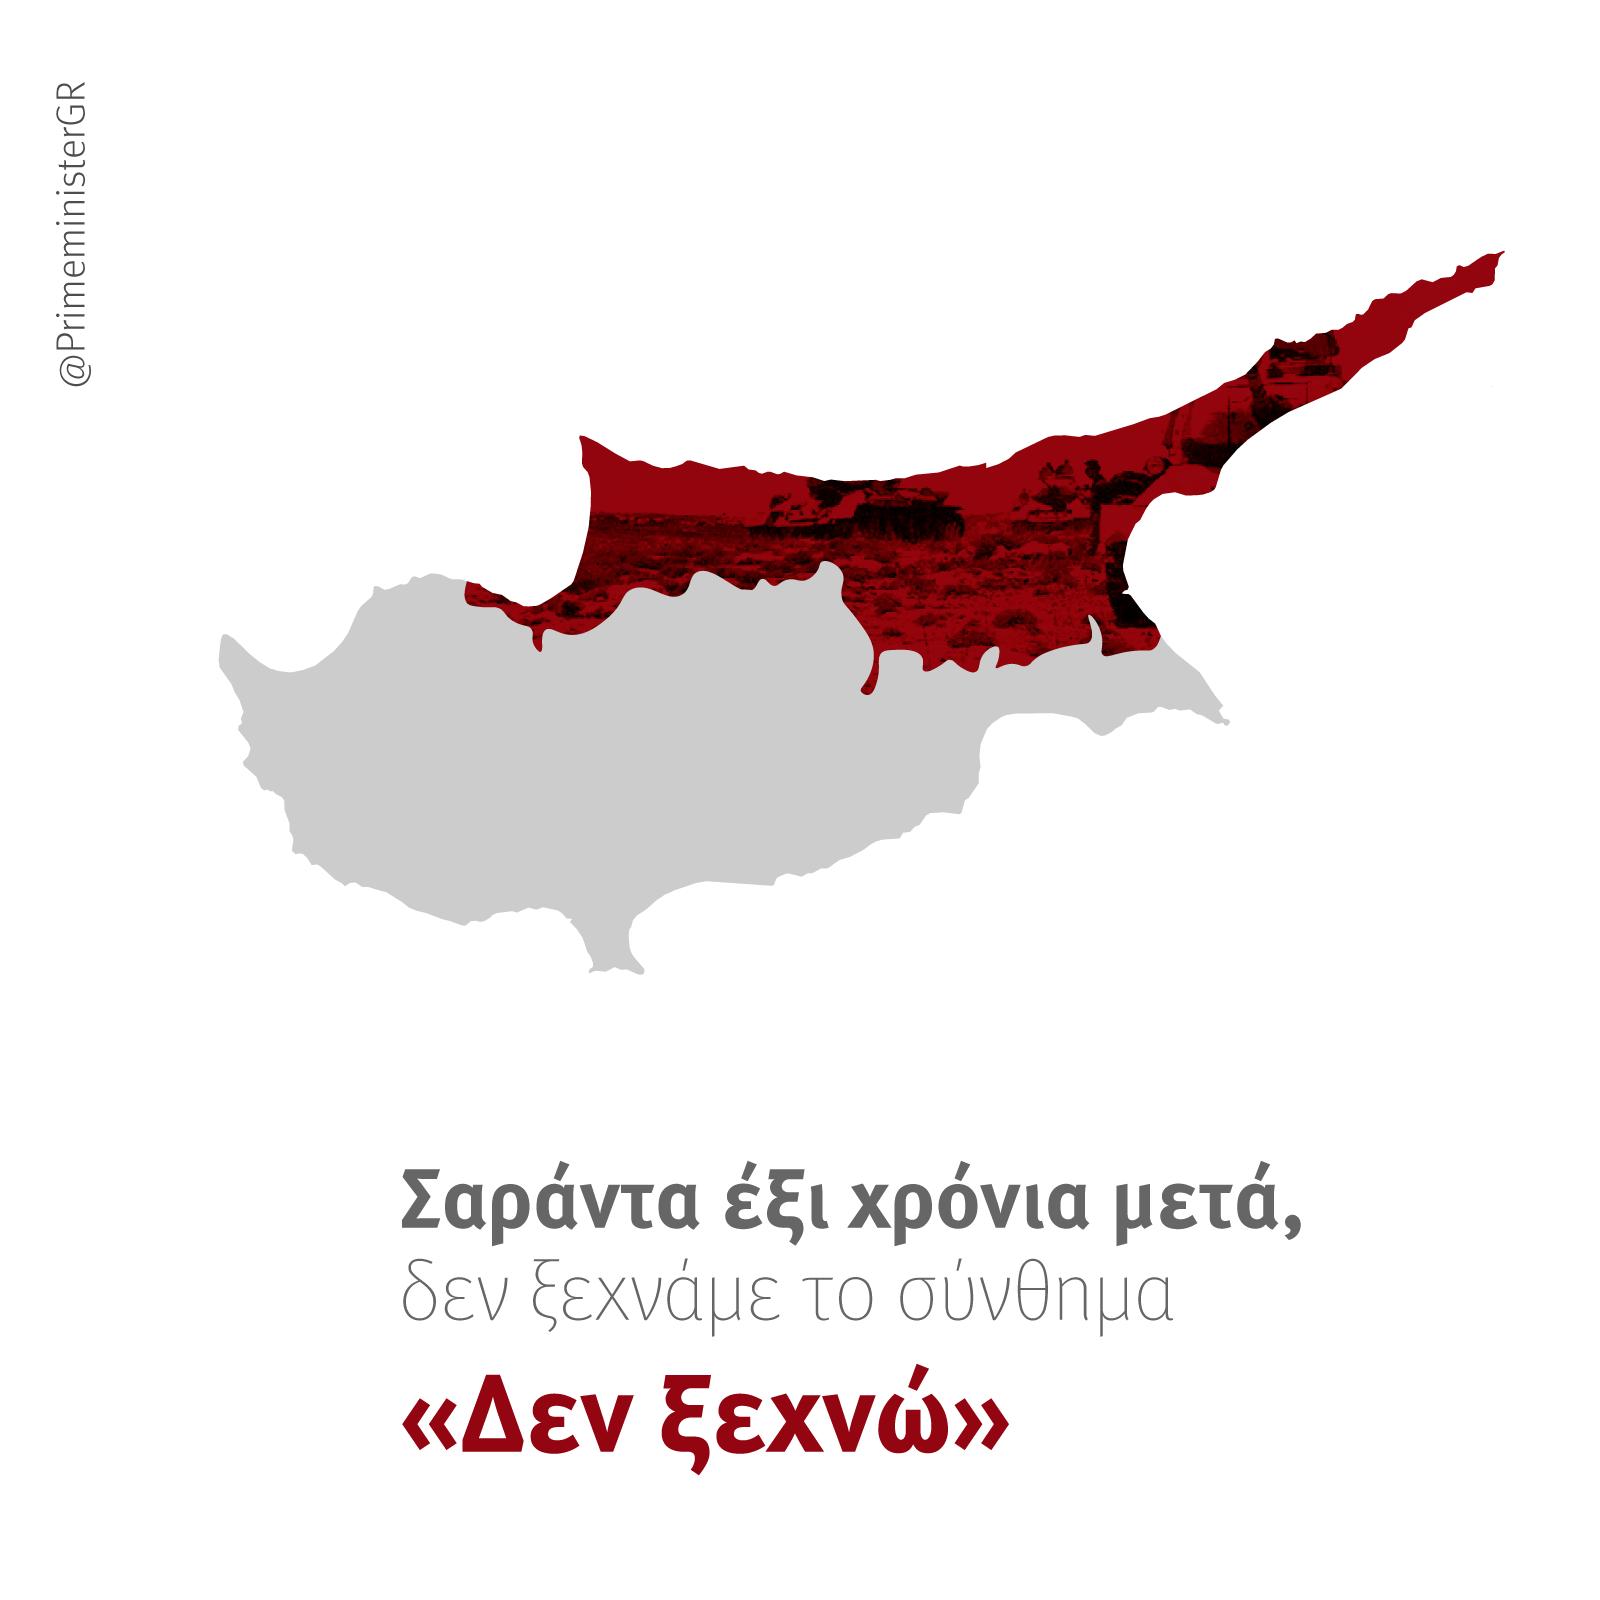 Σαράντα έξι χρόνια από την τουρκική εισβολή, η πληγή της Κύπρου εξακολουθεί να αιμορραγεί.